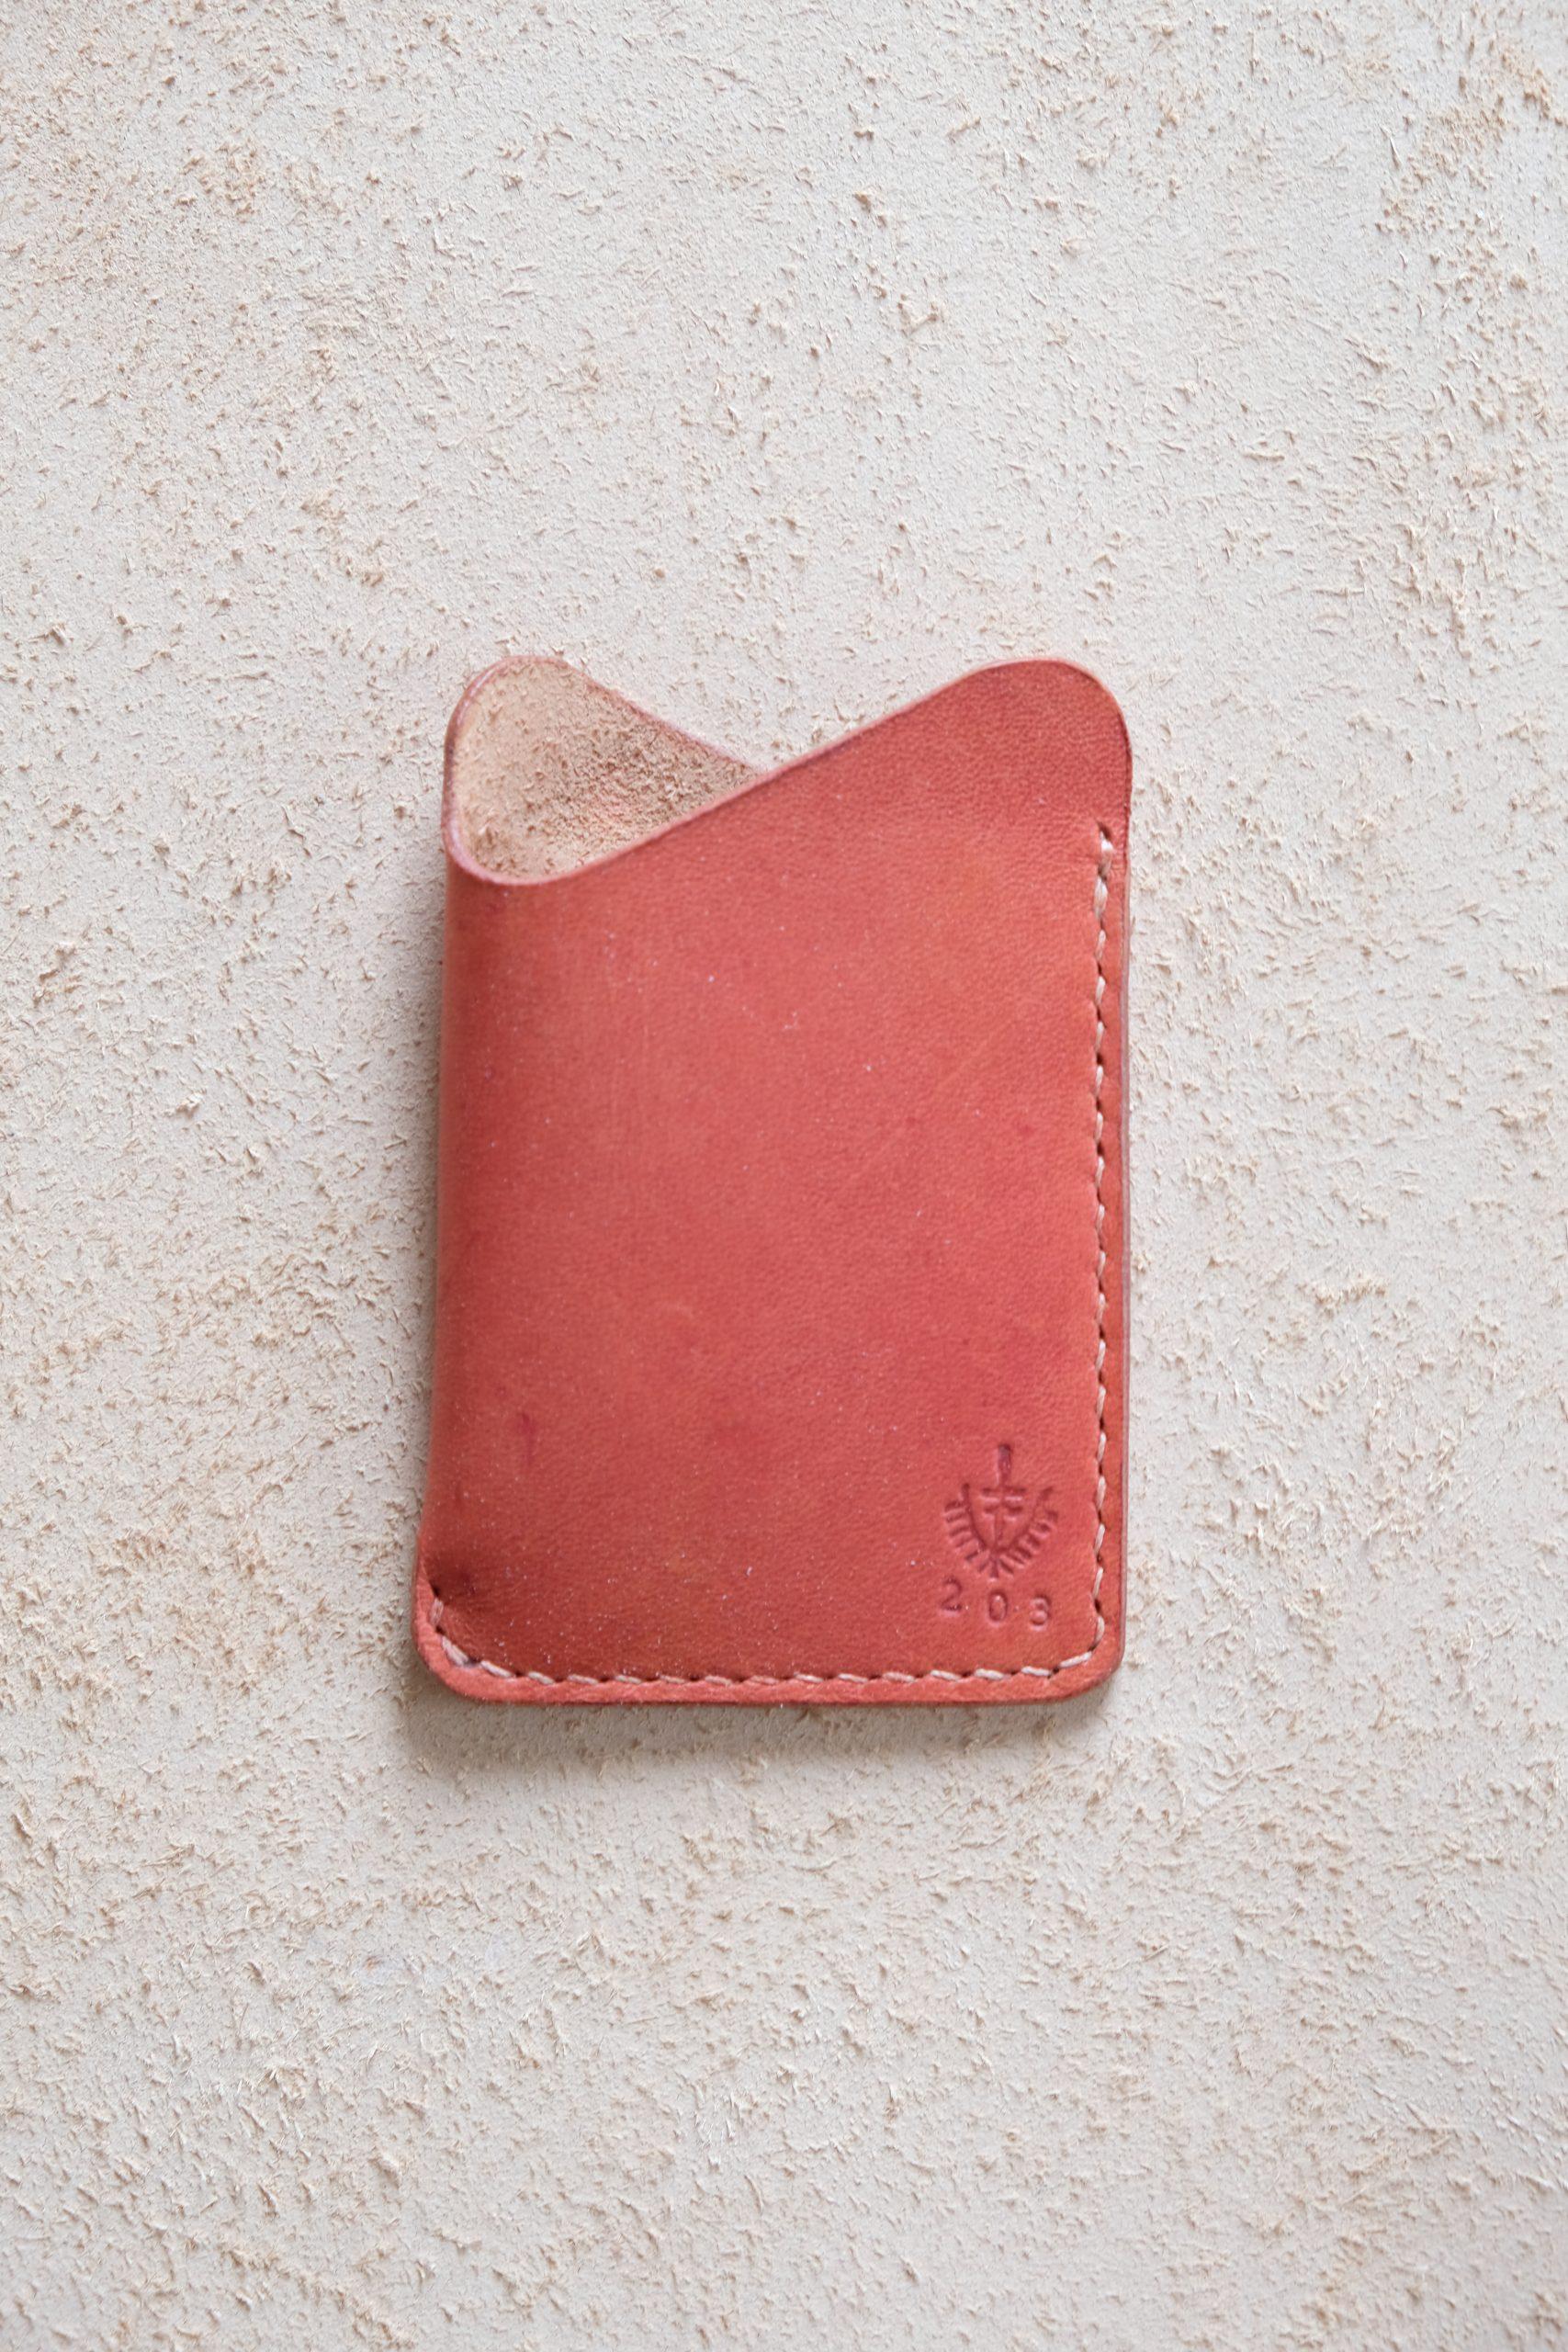 lerif designs leather wave cardholder pomegranate on beige background